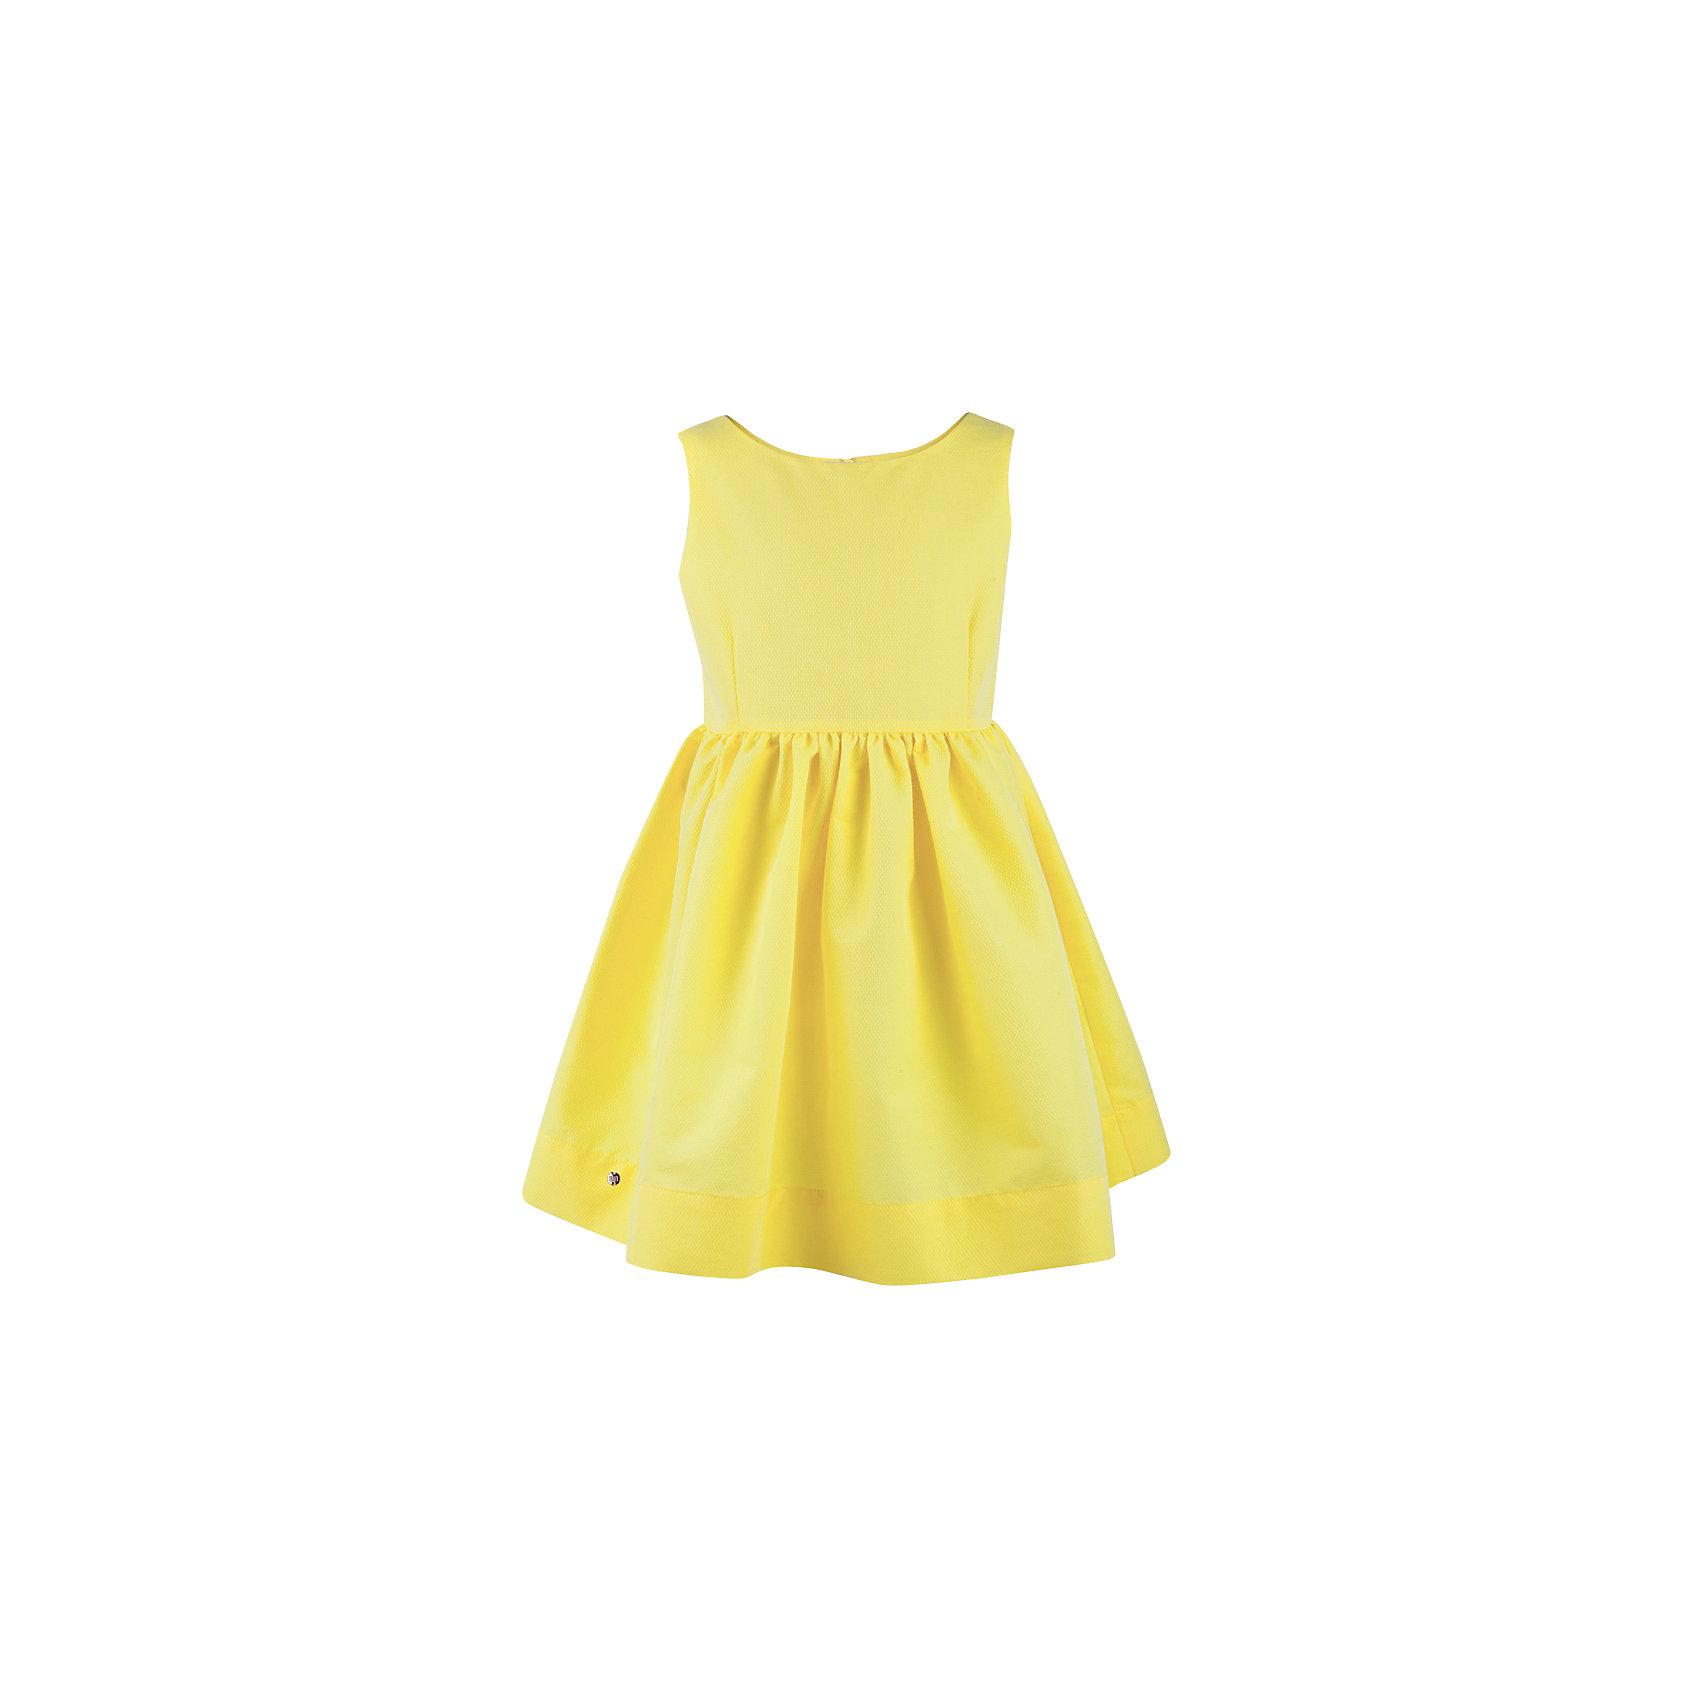 Платье для девочки  BUTTON BLUEПлатья и сарафаны<br>Платье для девочки  BUTTON BLUE<br>Прекрасный летний вариант - яркое текстильное платье на тонкой хлопковой подкладке. Модный силуэт, комфортная форма делают платье для девочки отличным решением для каждого дня лета. Если вы хотите приобрести одновременно и красивую, и практичную, и удобную вещь, вам стоит купить детское платье от Button Blue. Низкая цена не окажет влияния на бюджет семьи, позволив создать интересный базовый гардероб для долгожданных каникул!<br>Состав:<br>Ткань  верха: 55%хлопок 45%polyester подклад: 100% хлопок<br><br>Ширина мм: 236<br>Глубина мм: 16<br>Высота мм: 184<br>Вес г: 177<br>Цвет: желтый<br>Возраст от месяцев: 144<br>Возраст до месяцев: 156<br>Пол: Женский<br>Возраст: Детский<br>Размер: 158,122,98,104,110,116,128,134,140,146,152<br>SKU: 5523331